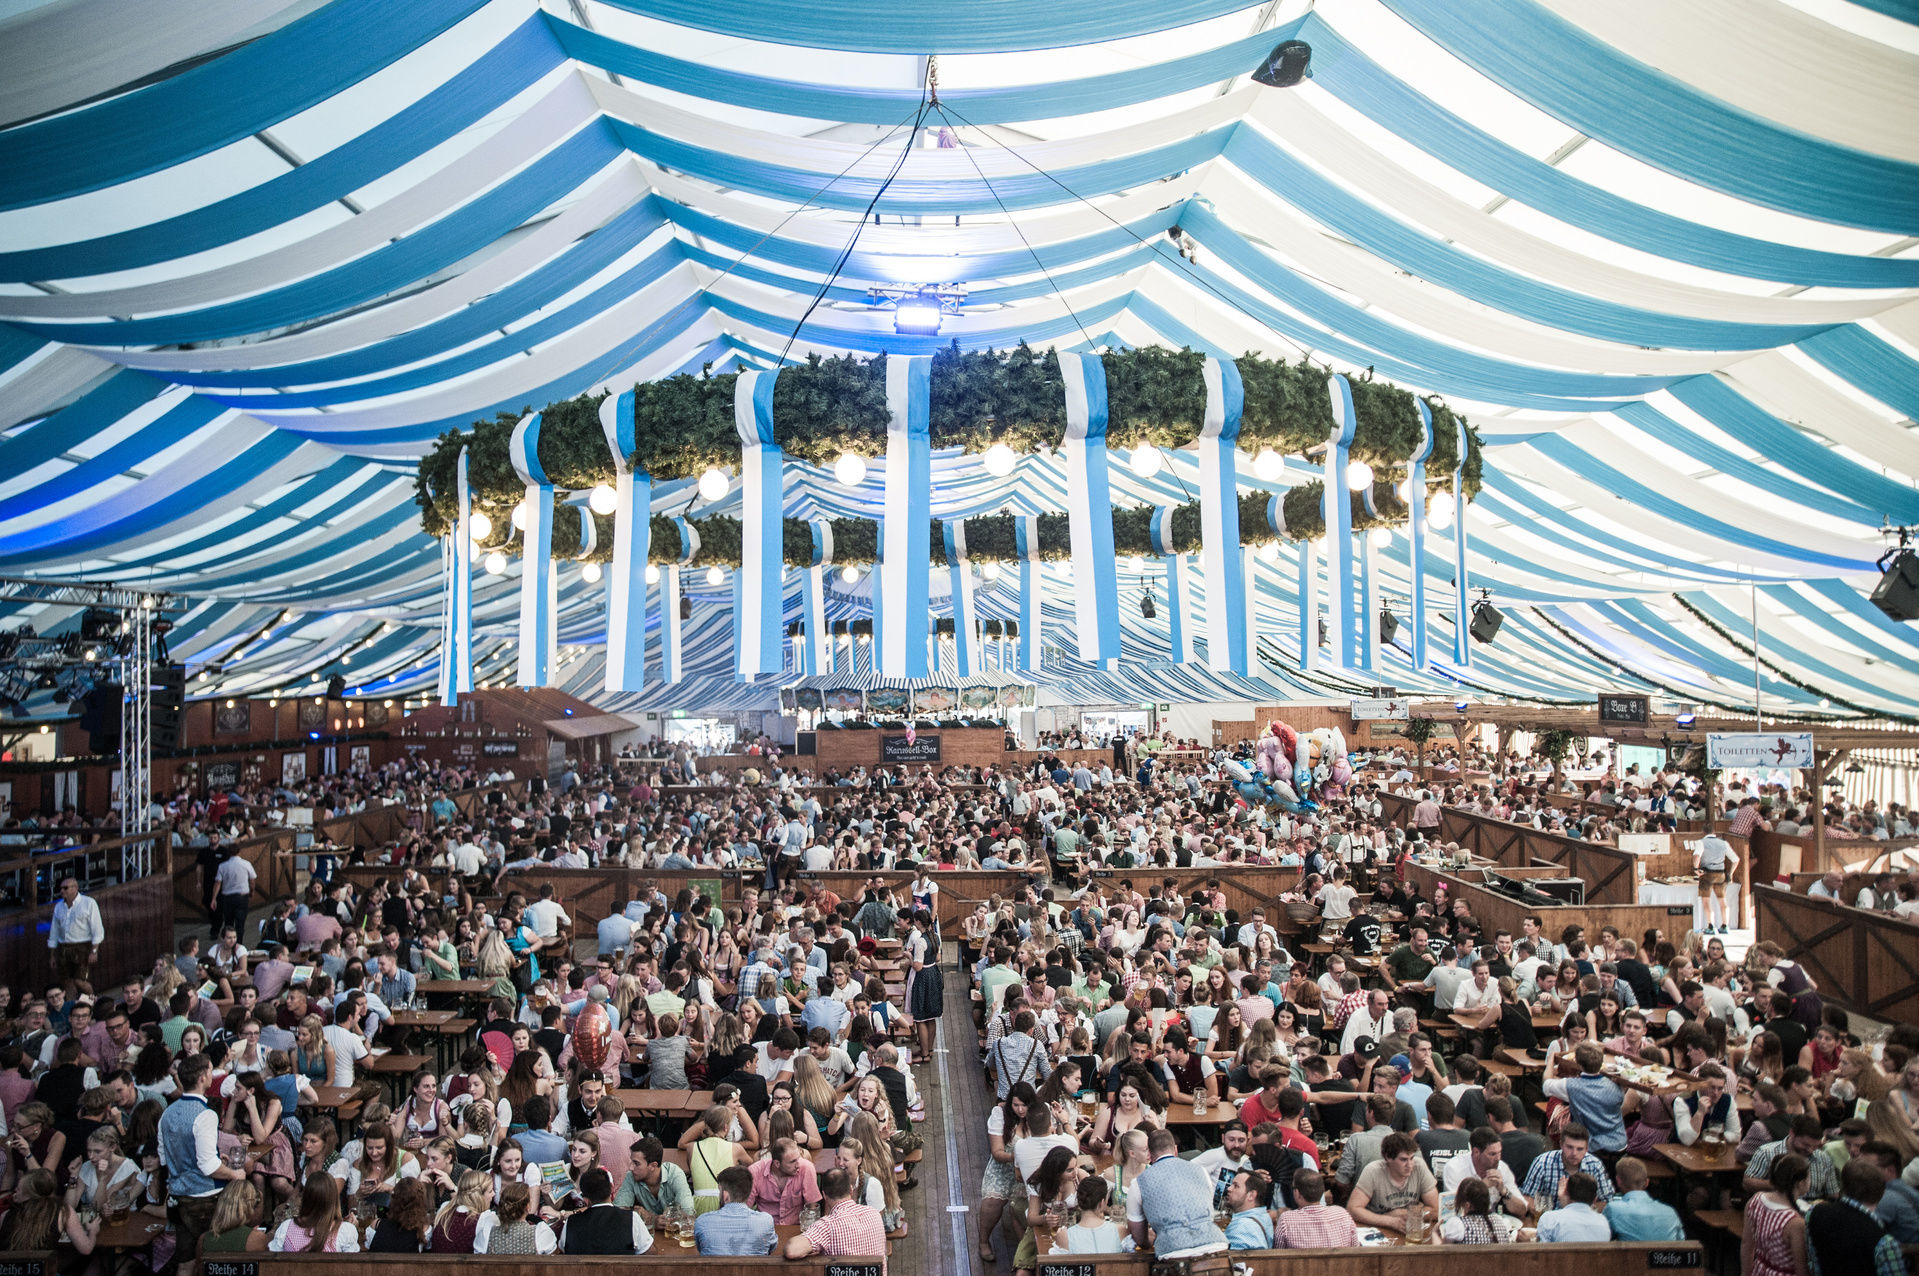 Gäubodenfest straubing 2020